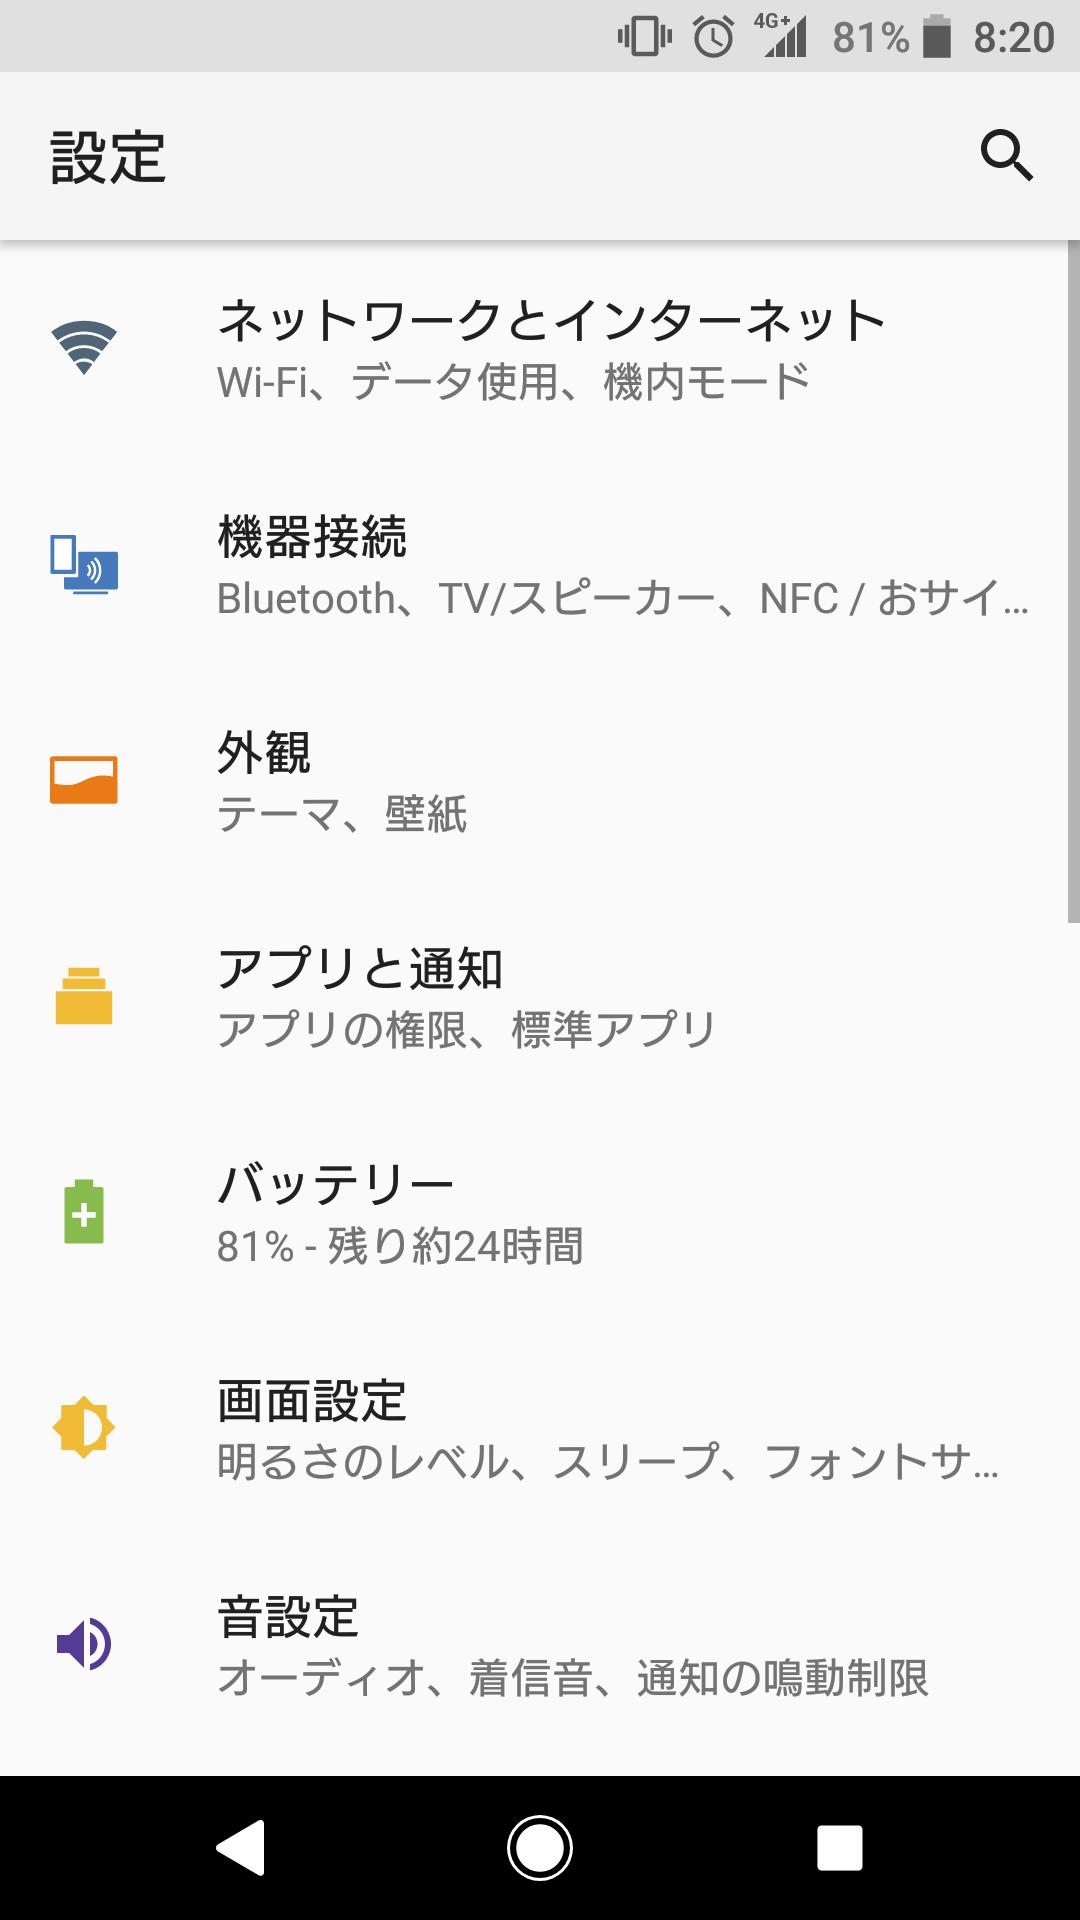 Android Xperia スマートフォンのホーム画面が急に変わって焦った話 ホームアプリ切り替えの方法とその他関連便利機能についての備忘録 熊本ぼちぼち新聞